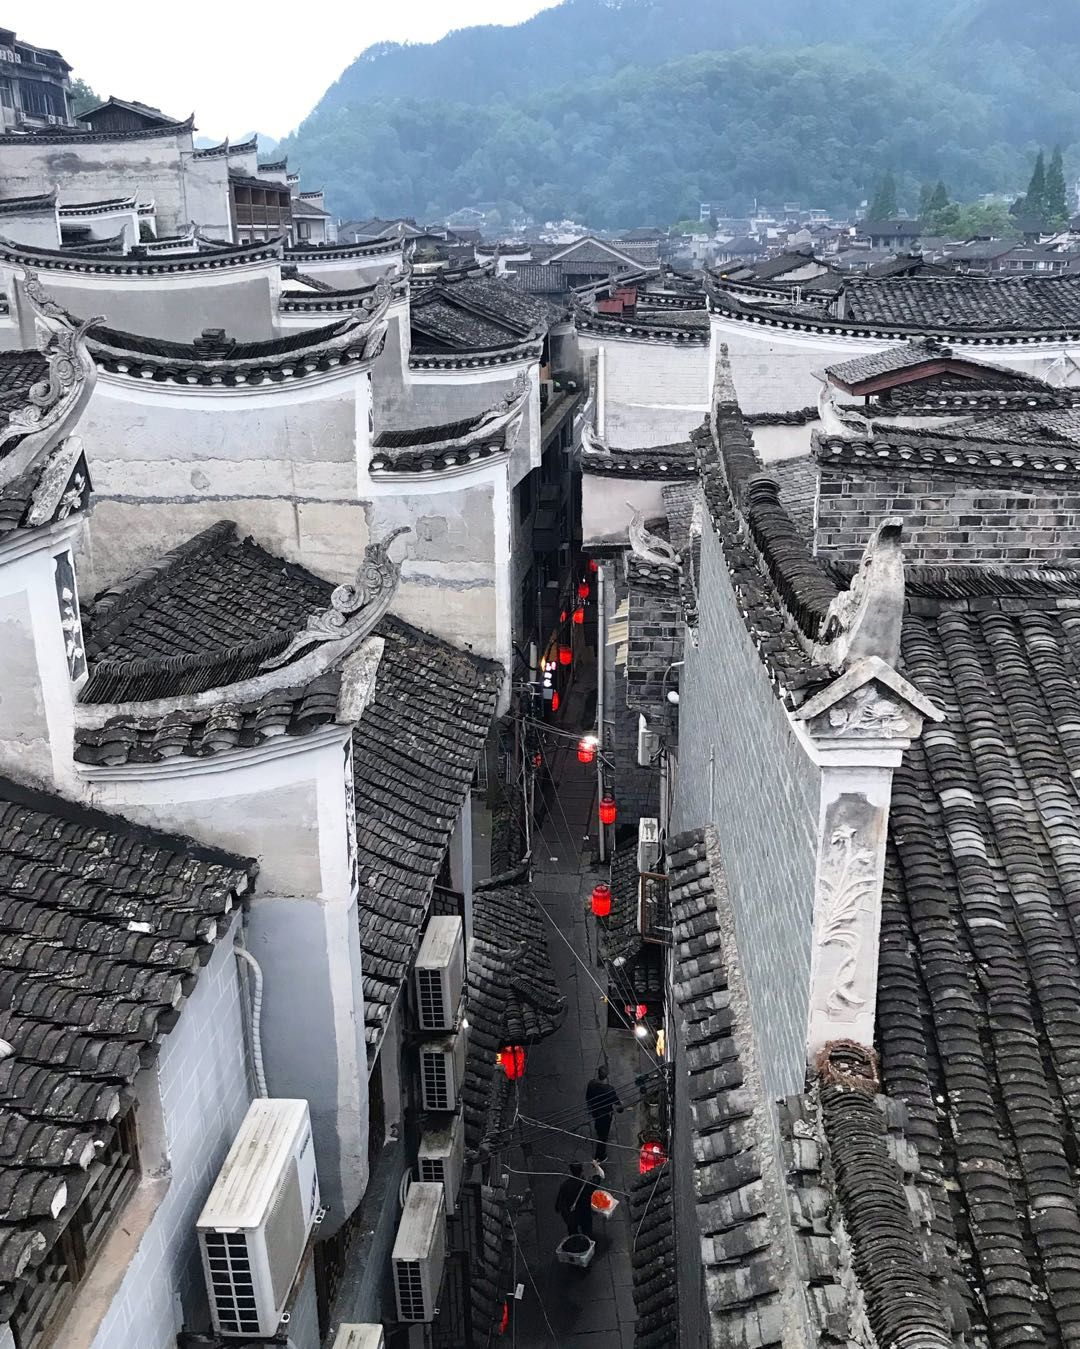 La vieille ville de Fenghuang 凤凰古城